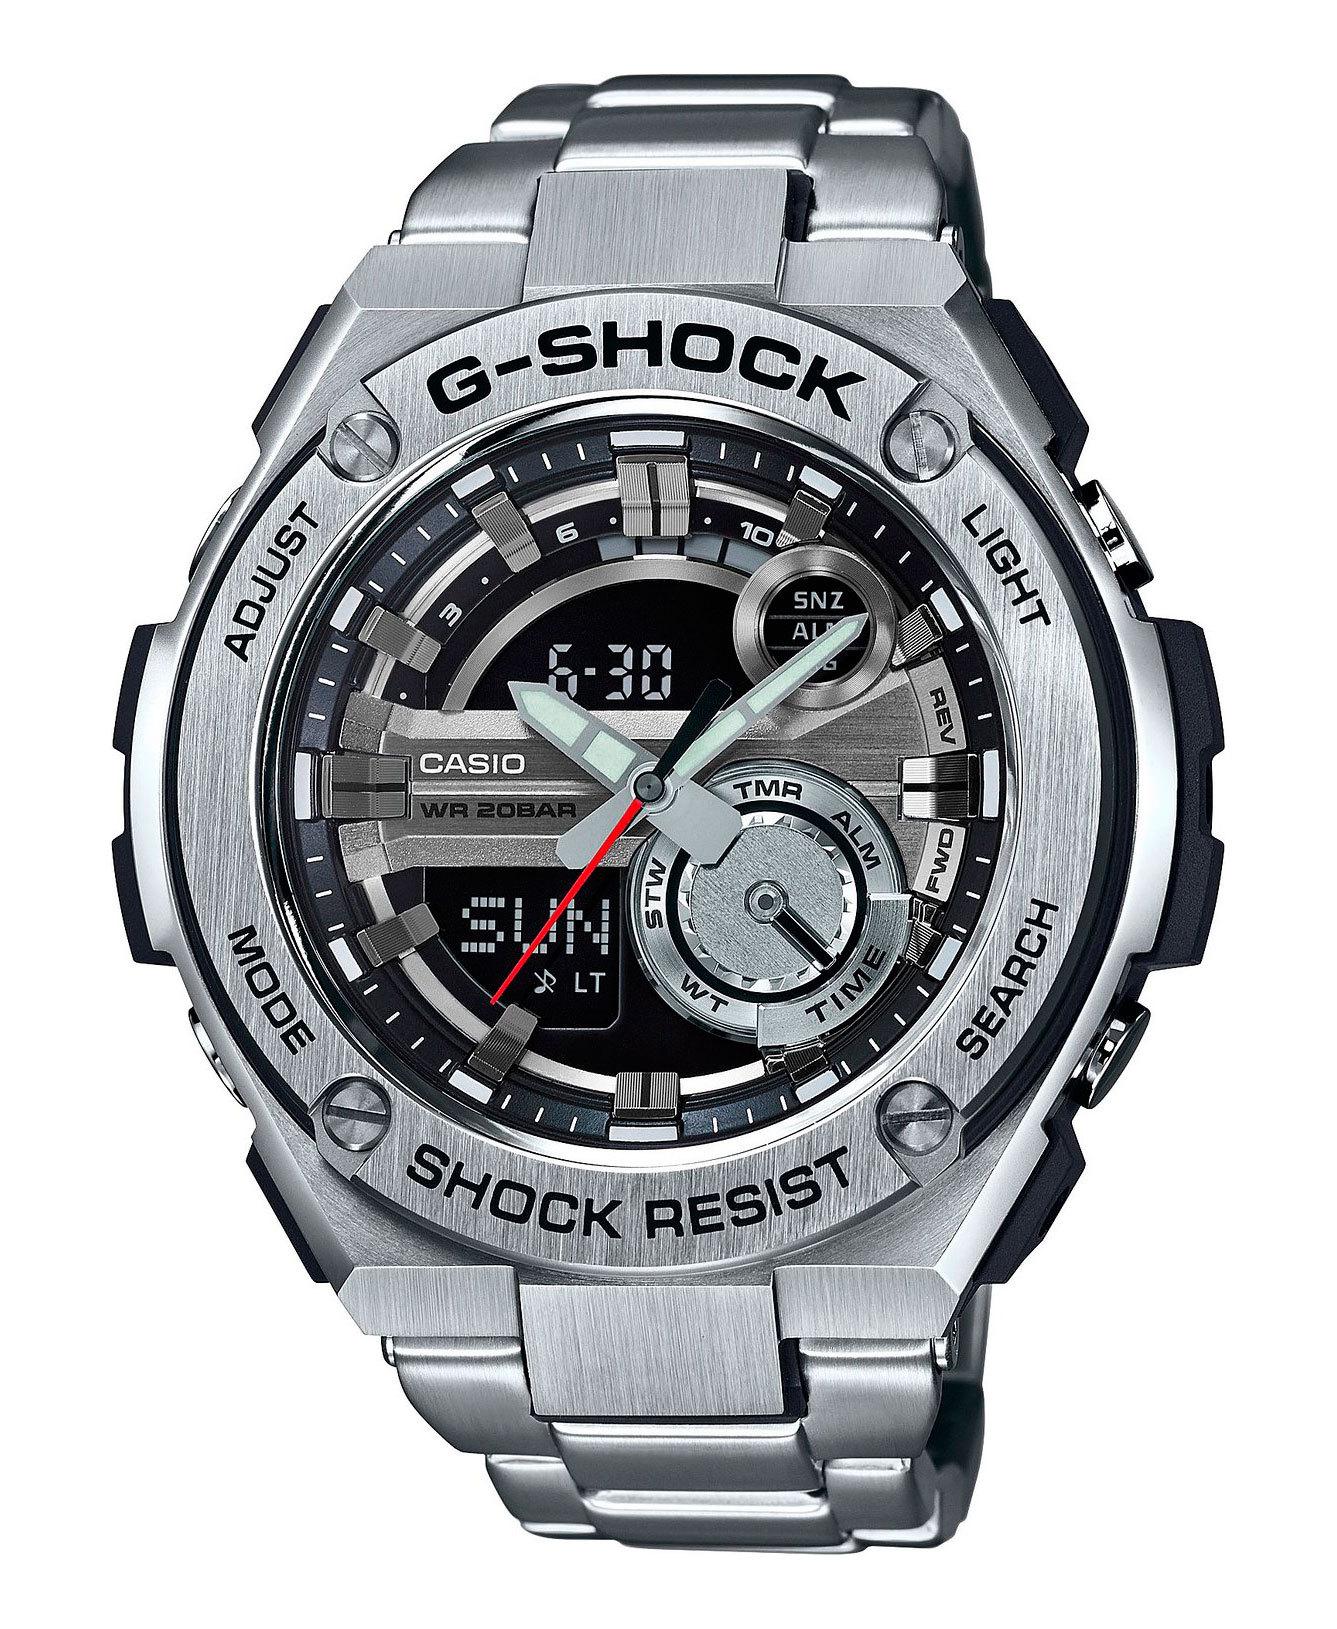 Casio G-SHOCK GST-210D-1A / GST-210D-1AER - мужские наручные часыCasio<br><br><br>Бренд: Casio<br>Модель: Casio GST-210D-1A<br>Артикул: GST-210D-1A<br>Вариант артикула: GST-210D-1AER<br>Коллекция: G-SHOCK<br>Подколлекция: None<br>Страна: Япония<br>Пол: мужские<br>Тип механизма: кварцевые<br>Механизм: None<br>Количество камней: None<br>Автоподзавод: None<br>Источник энергии: от батарейки<br>Срок службы элемента питания: None<br>Дисплей: стрелки + цифры<br>Цифры: None<br>Водозащита: WR 200<br>Противоударные: есть<br>Материал корпуса: нерж. сталь + пластик<br>Материал браслета: нерж. сталь<br>Материал безеля: None<br>Стекло: минеральное<br>Антибликовое покрытие: None<br>Цвет корпуса: None<br>Цвет браслета: None<br>Цвет циферблата: None<br>Цвет безеля: None<br>Размеры: 52.4x59.1x16.1 мм<br>Диаметр: None<br>Диаметр корпуса: None<br>Толщина: None<br>Ширина ремешка: None<br>Вес: 195 г<br>Спорт-функции: секундомер, таймер обратного отсчета<br>Подсветка: дисплея, стрелок<br>Вставка: None<br>Отображение даты: вечный календарь, число, месяц, день недели<br>Хронограф: None<br>Таймер: None<br>Термометр: None<br>Хронометр: None<br>GPS: None<br>Радиосинхронизация: None<br>Барометр: None<br>Скелетон: None<br>Дополнительная информация: None<br>Дополнительные функции: второй часовой пояс, будильник (количество установок: 5)